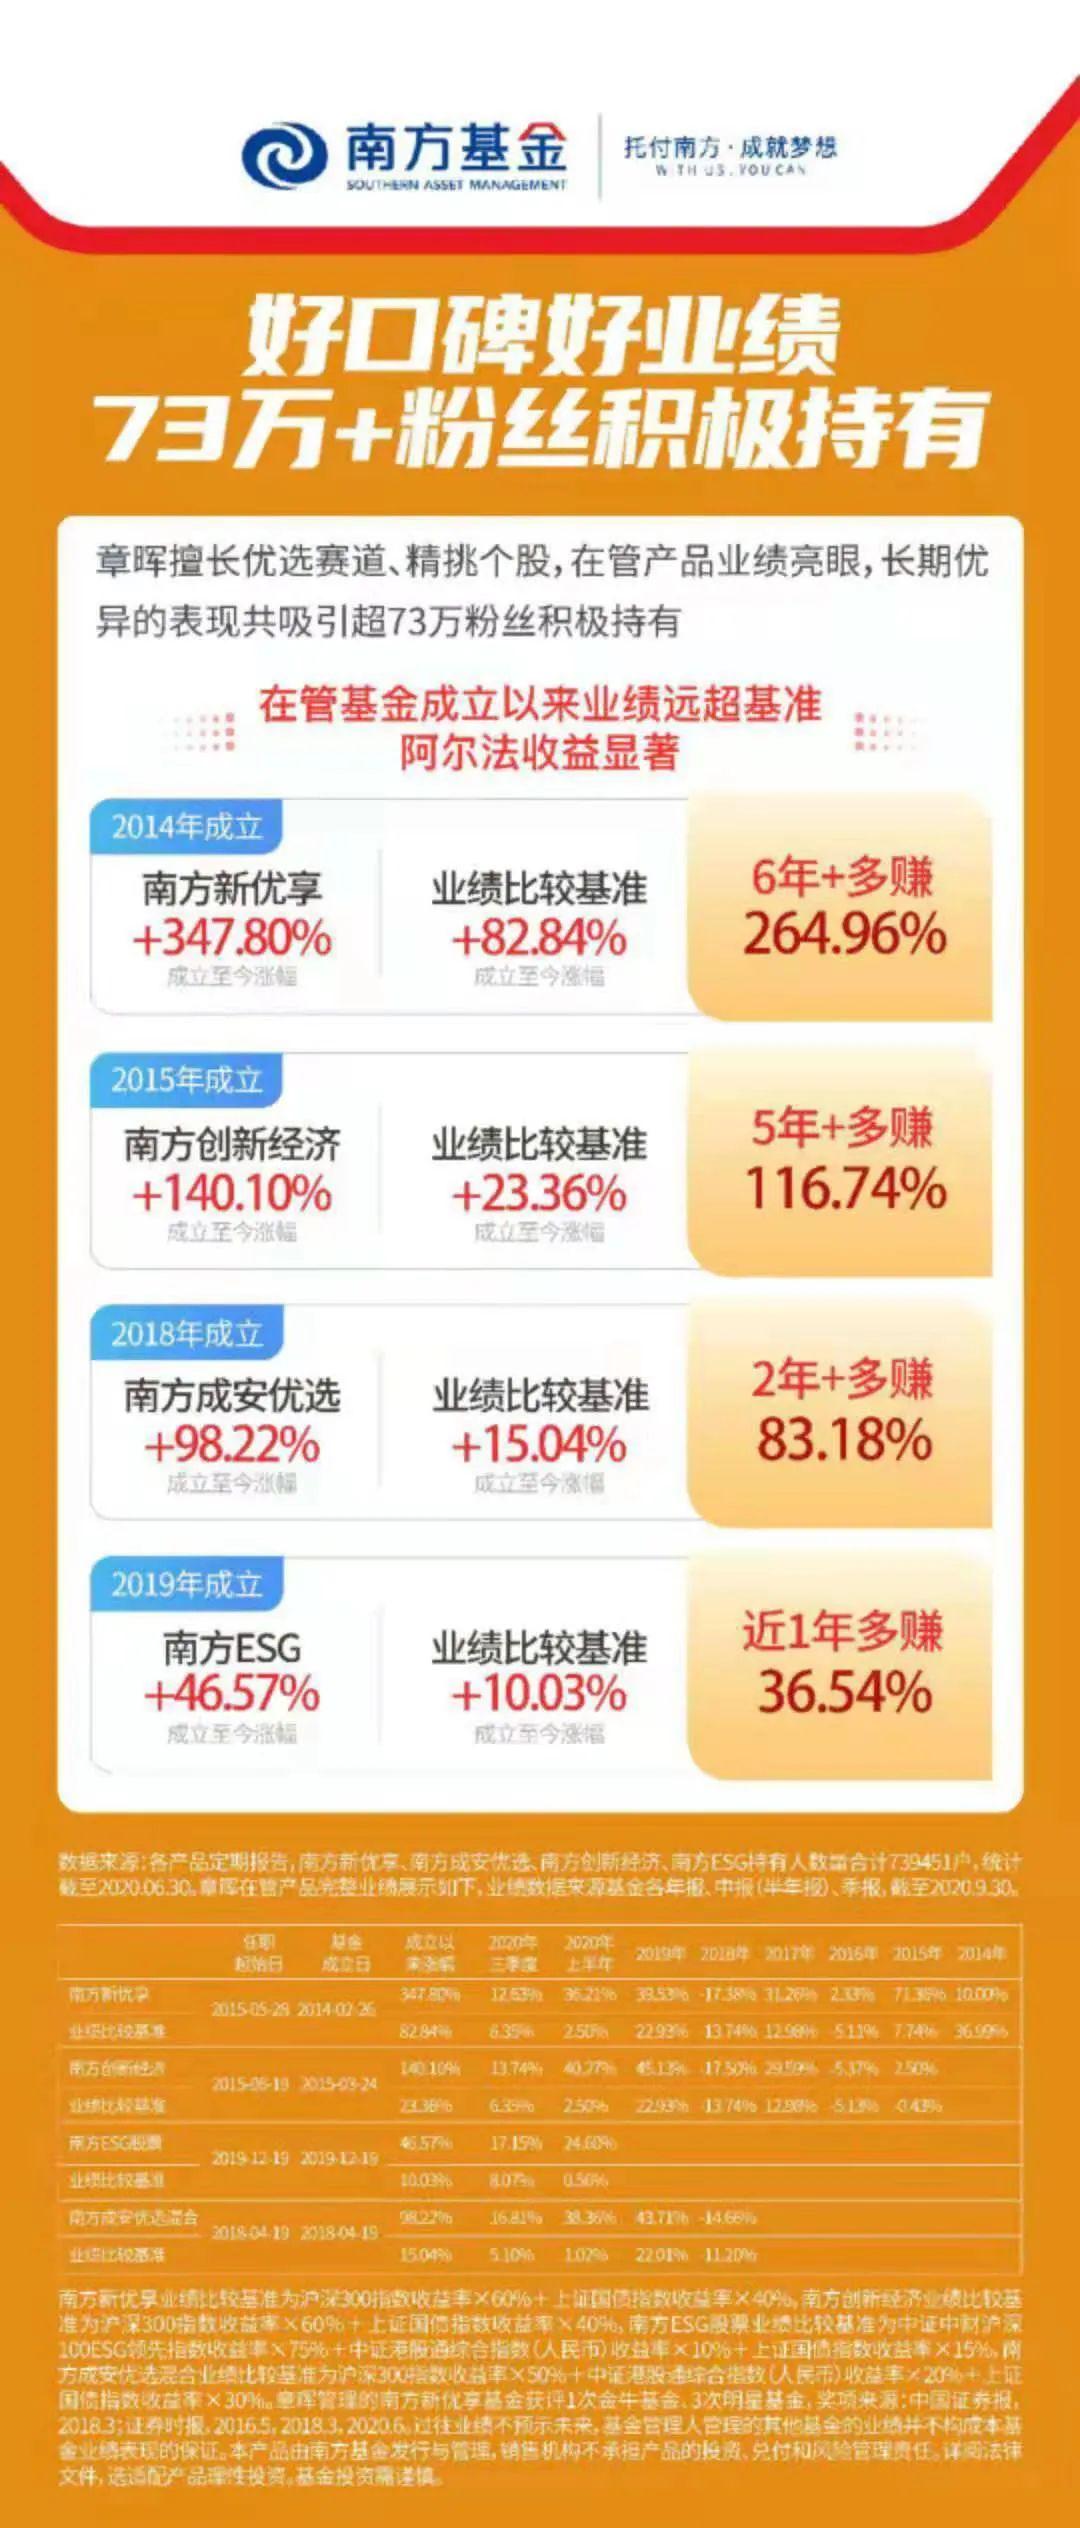 章晖为何赢得73万投资者追随?丨数据